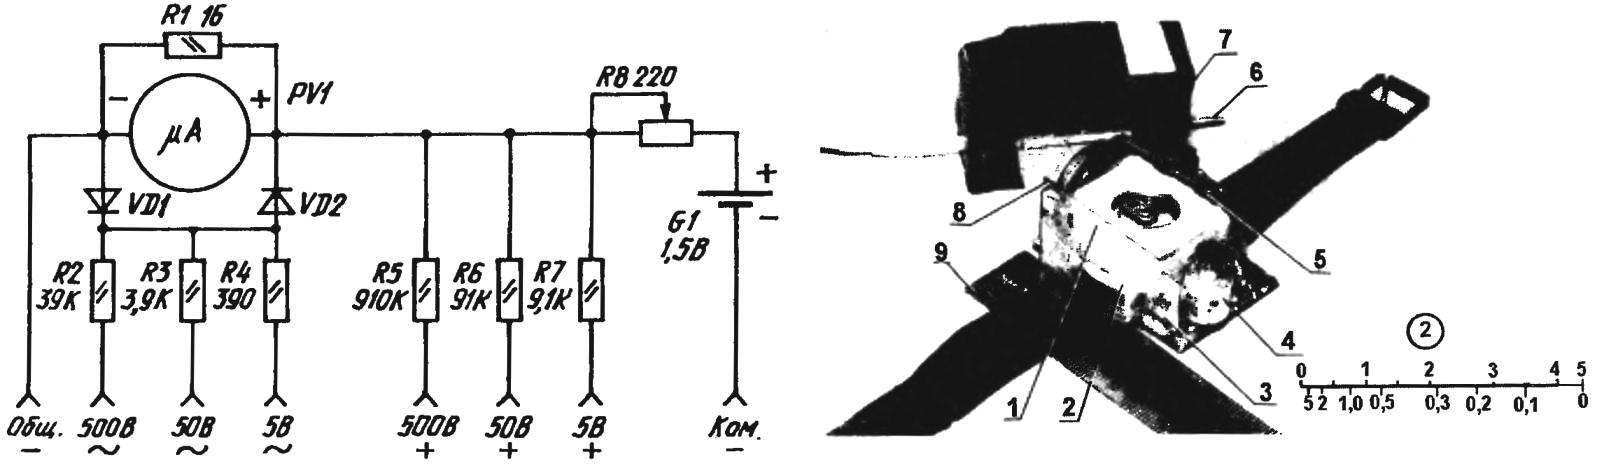 Принципиальная электрическая схема наручного тестера и ее воплощение в реальность (ученическая линейка изображена рядом для наглядной масштабности)